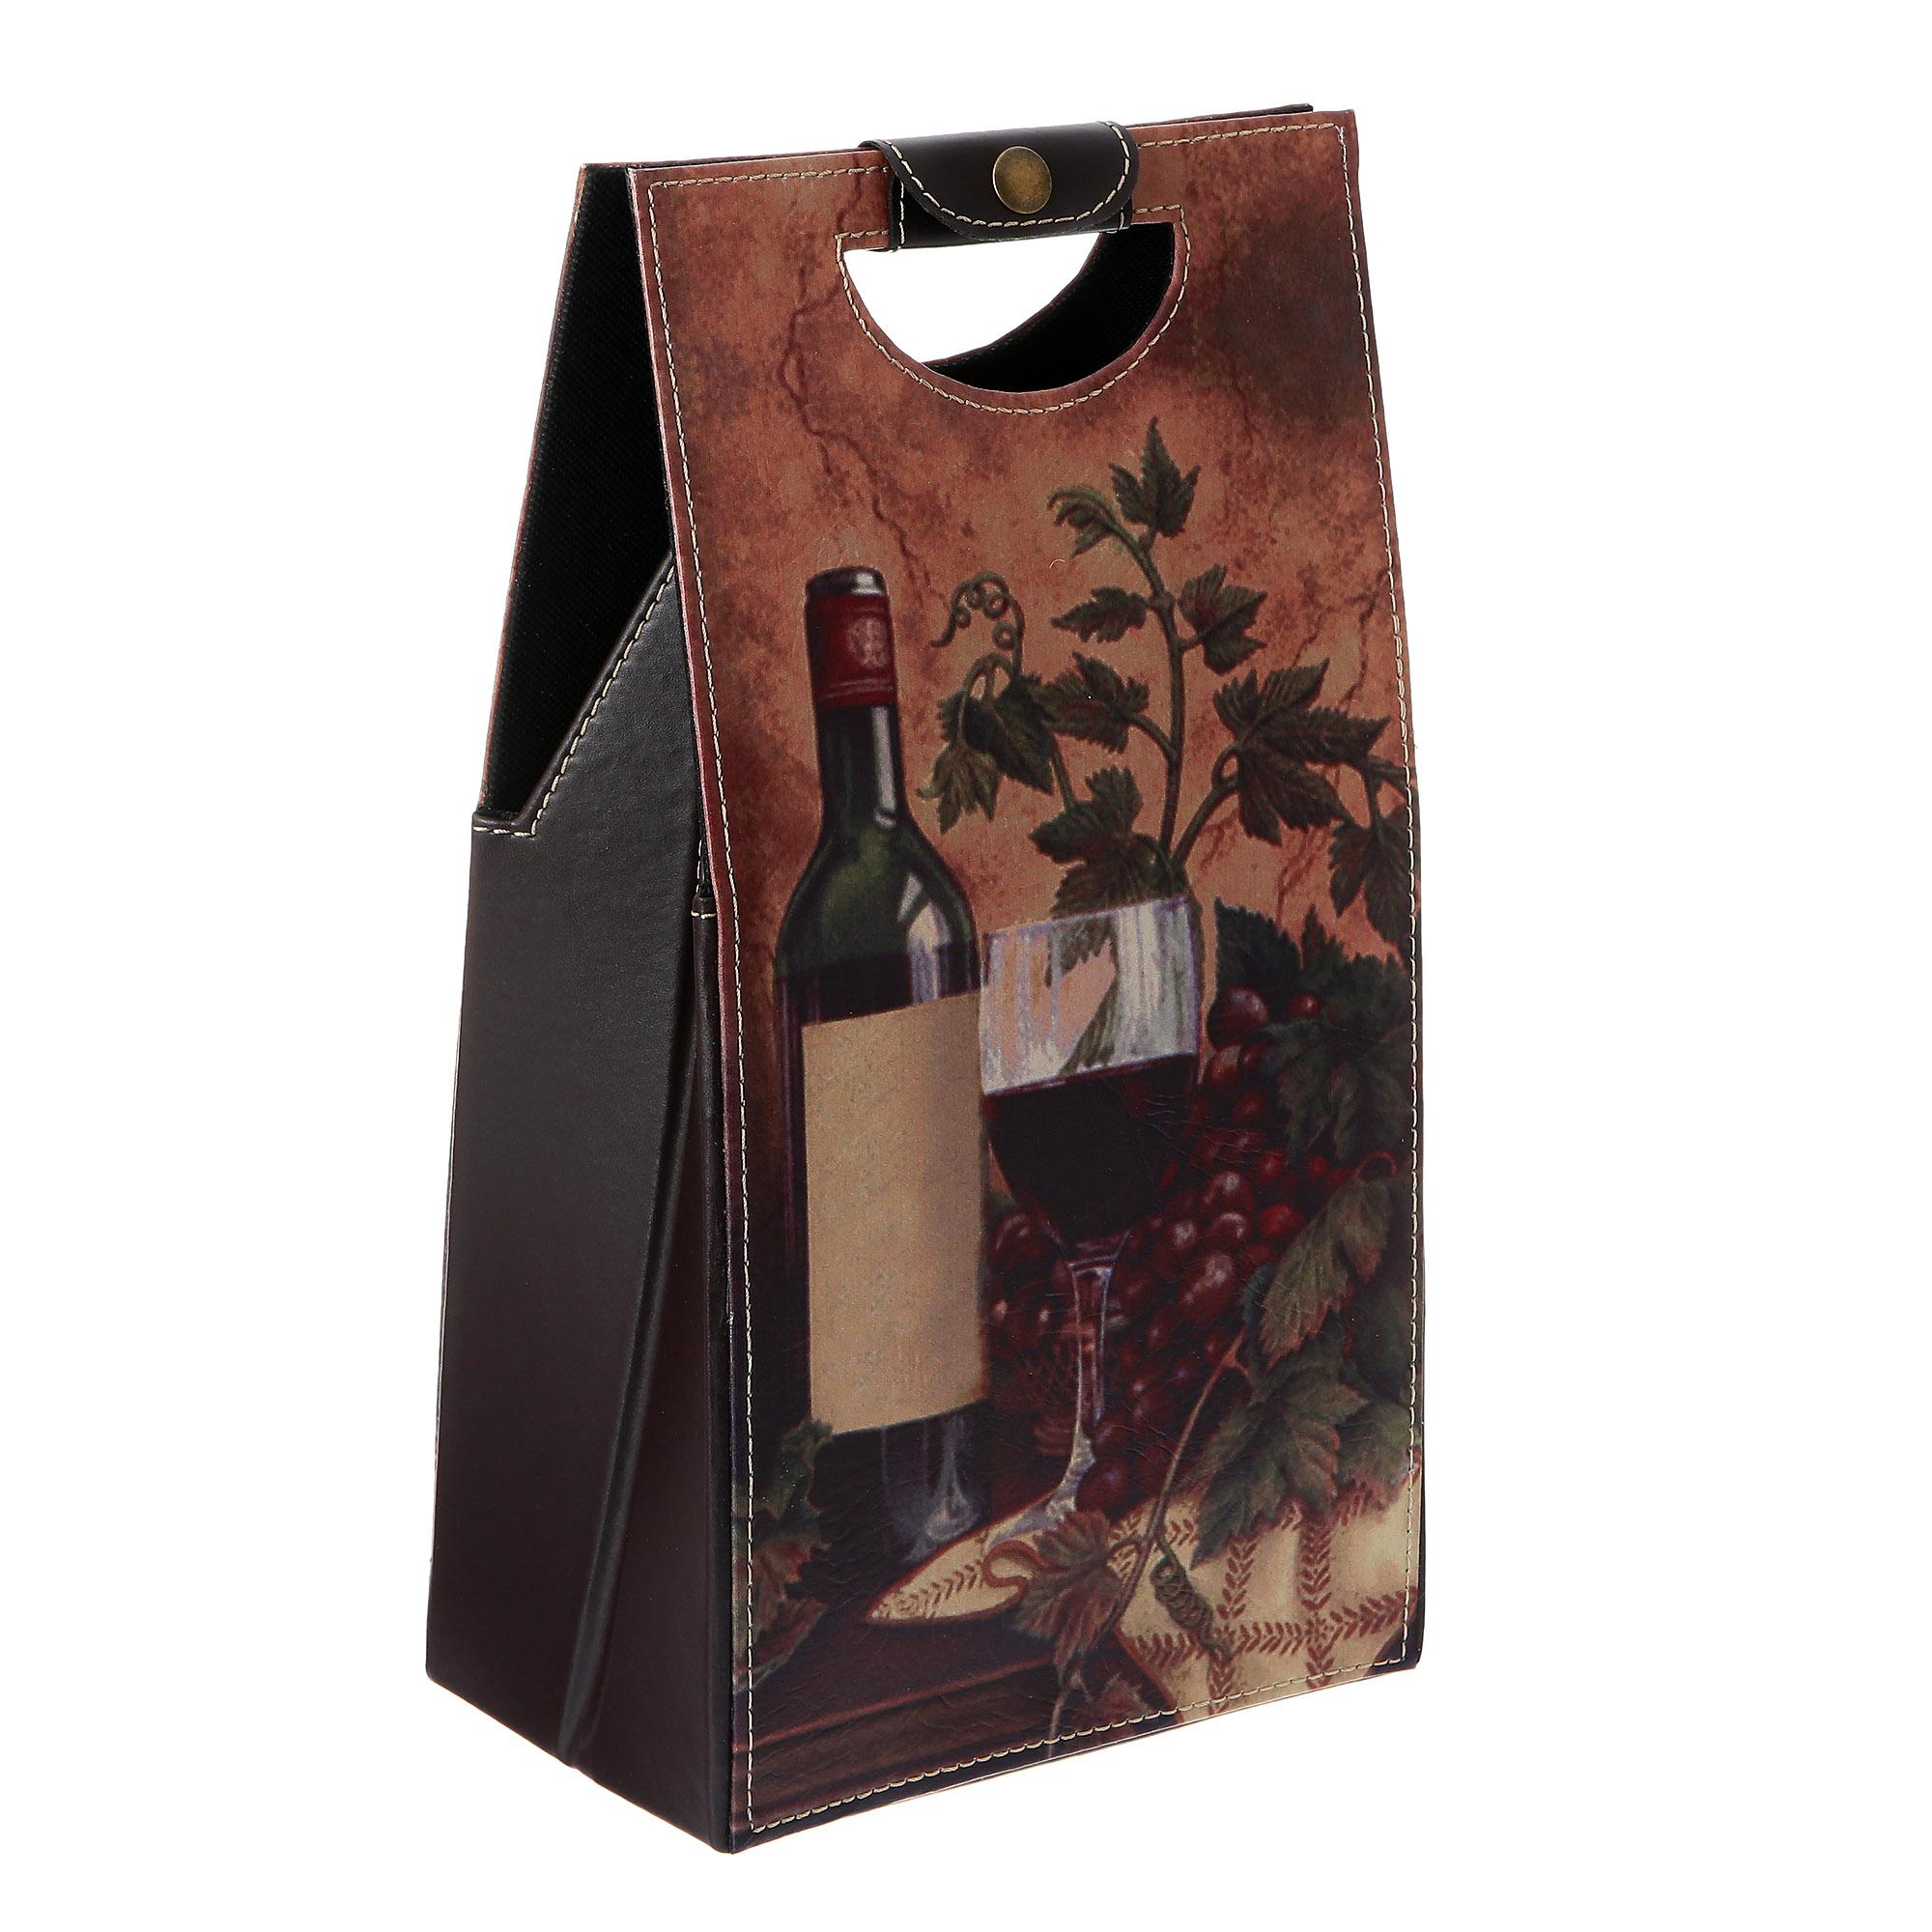 Пакет винный подарочный двойной 20х11х40 Huaye arts&crafts фото